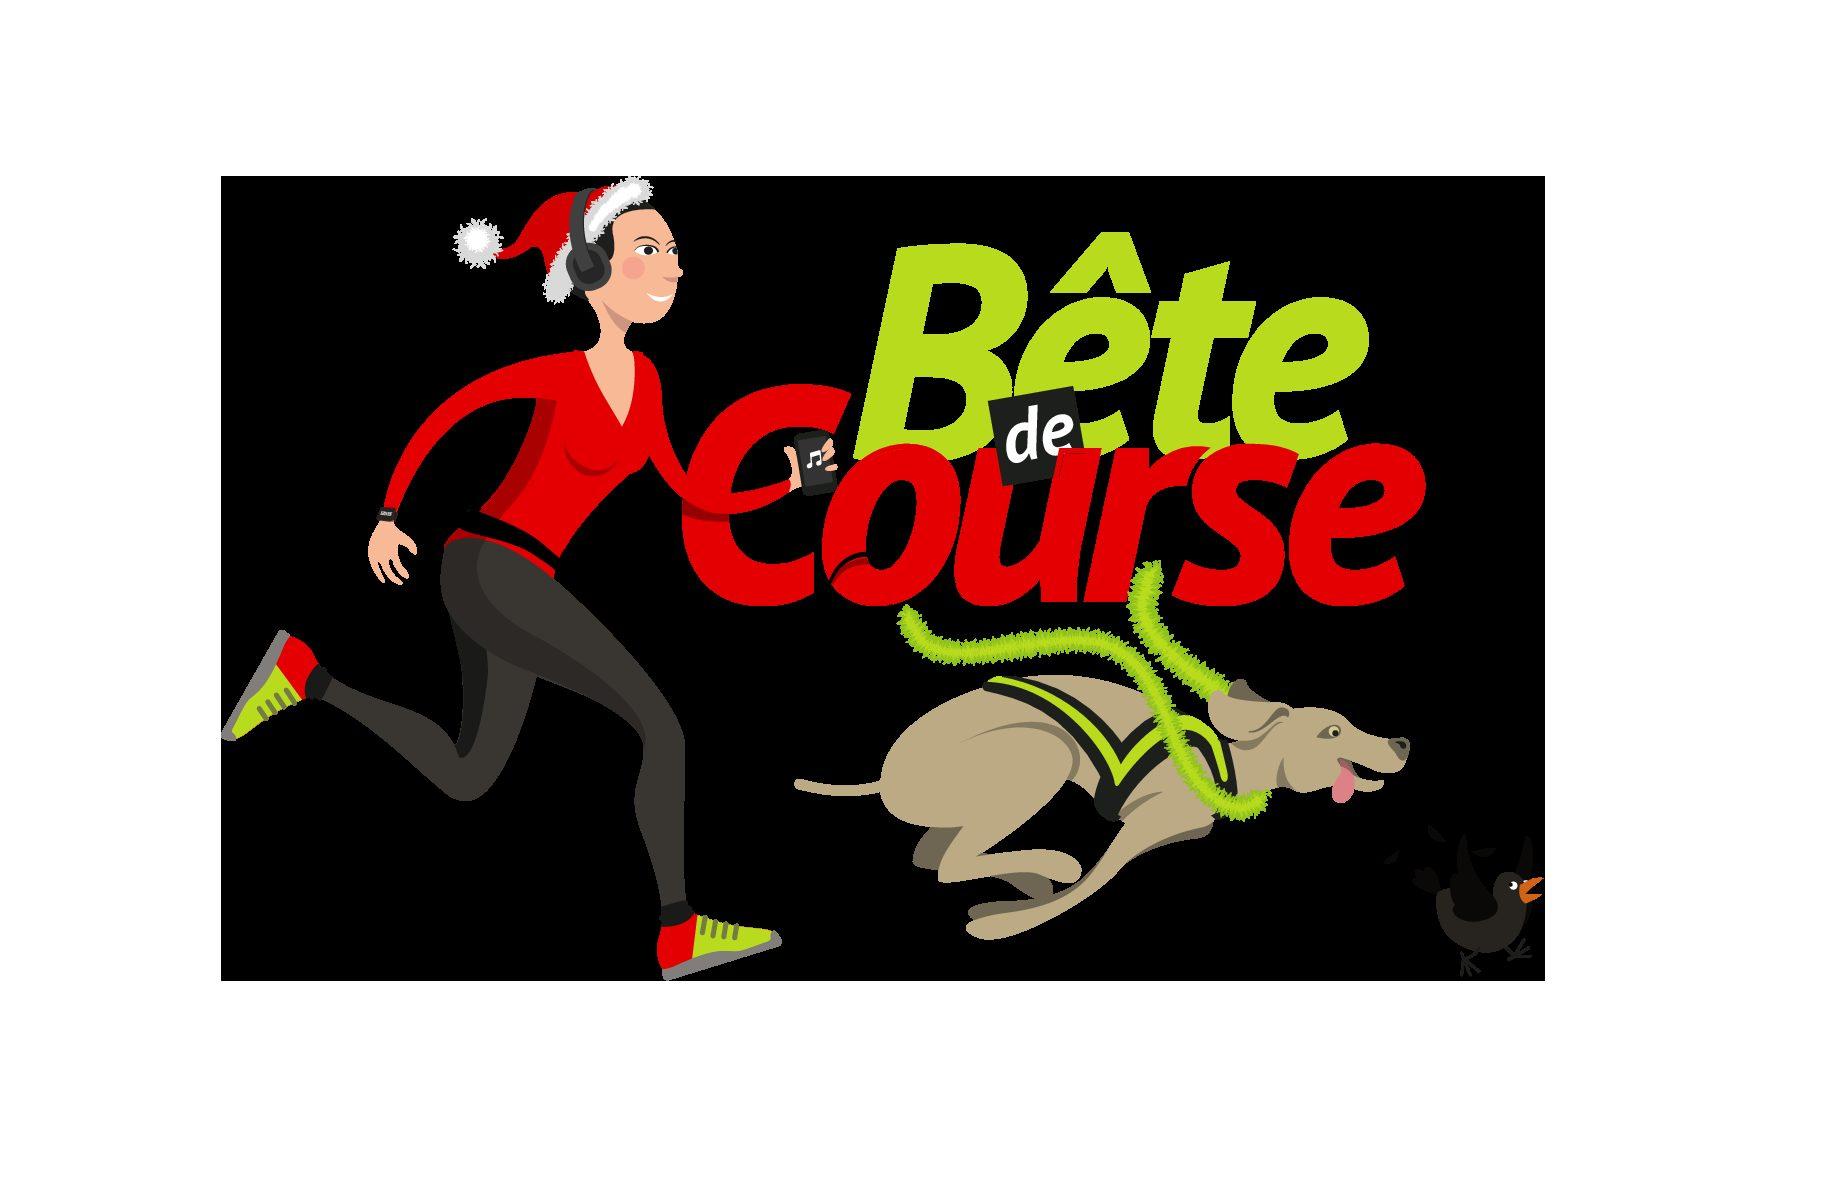 Illustration – Blog Bête de course